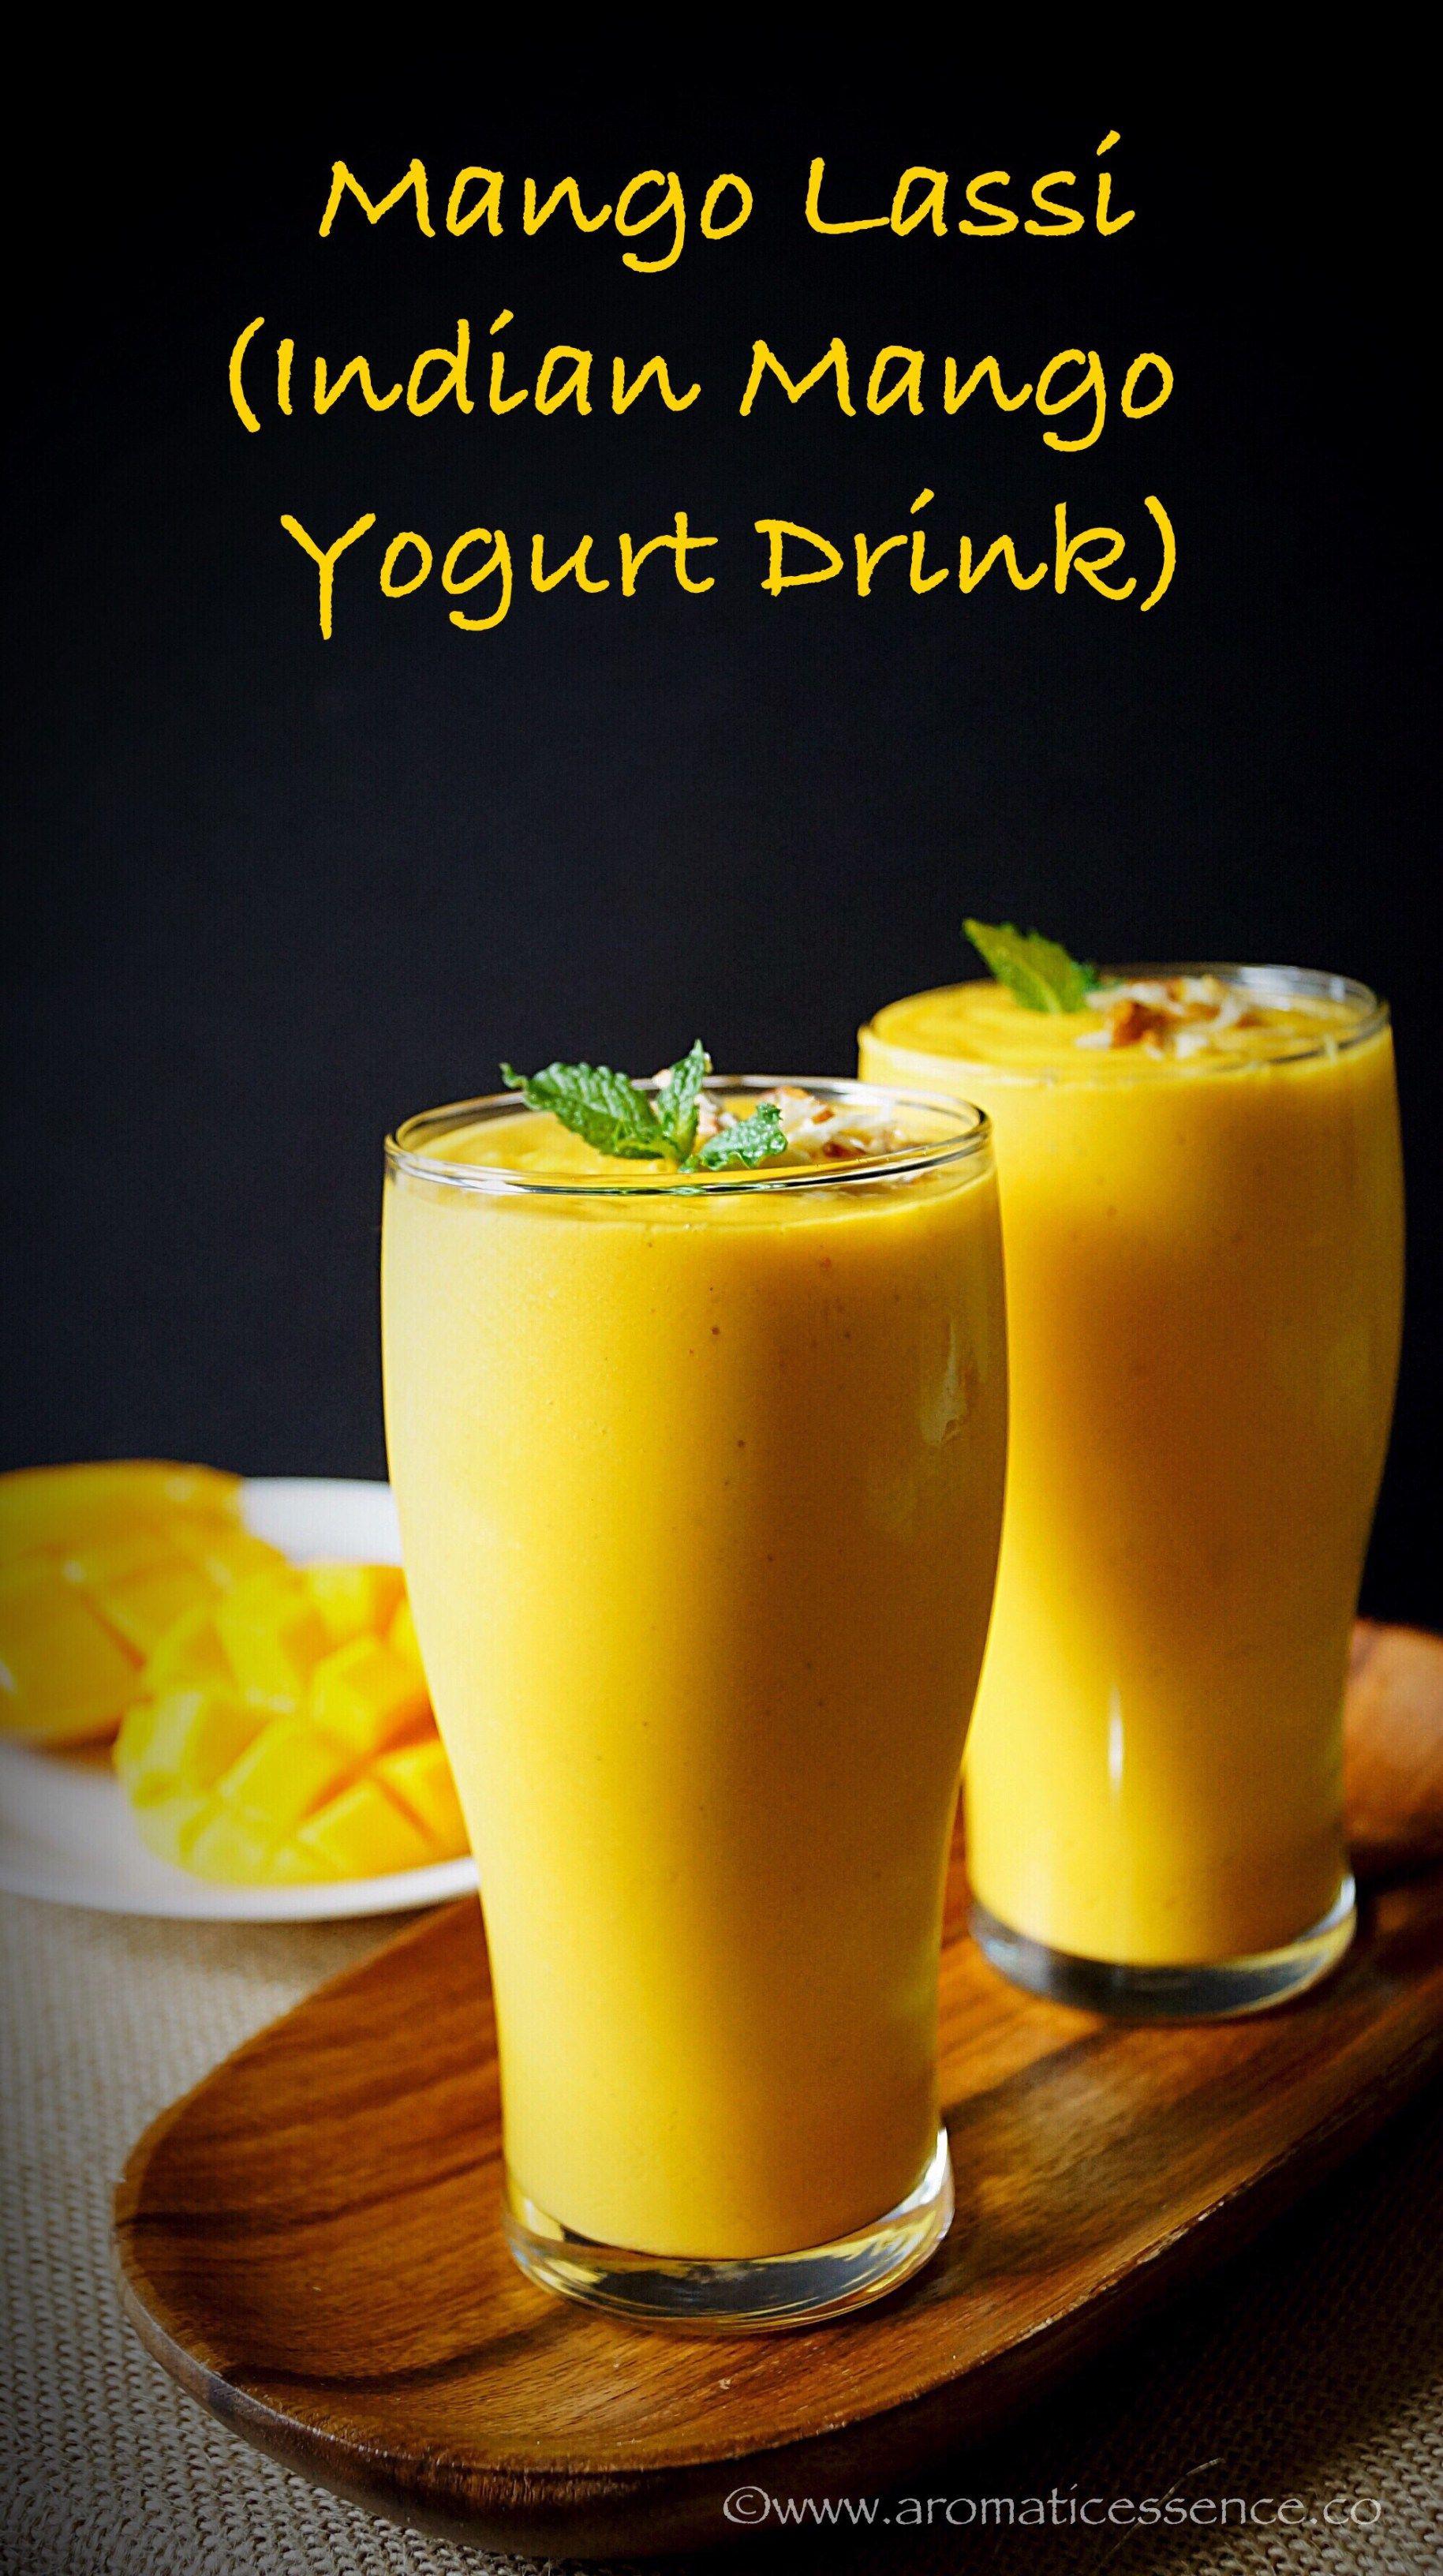 Mango Lassi Recipe (Using Mango Pulp)  How To Make Mango Lassi